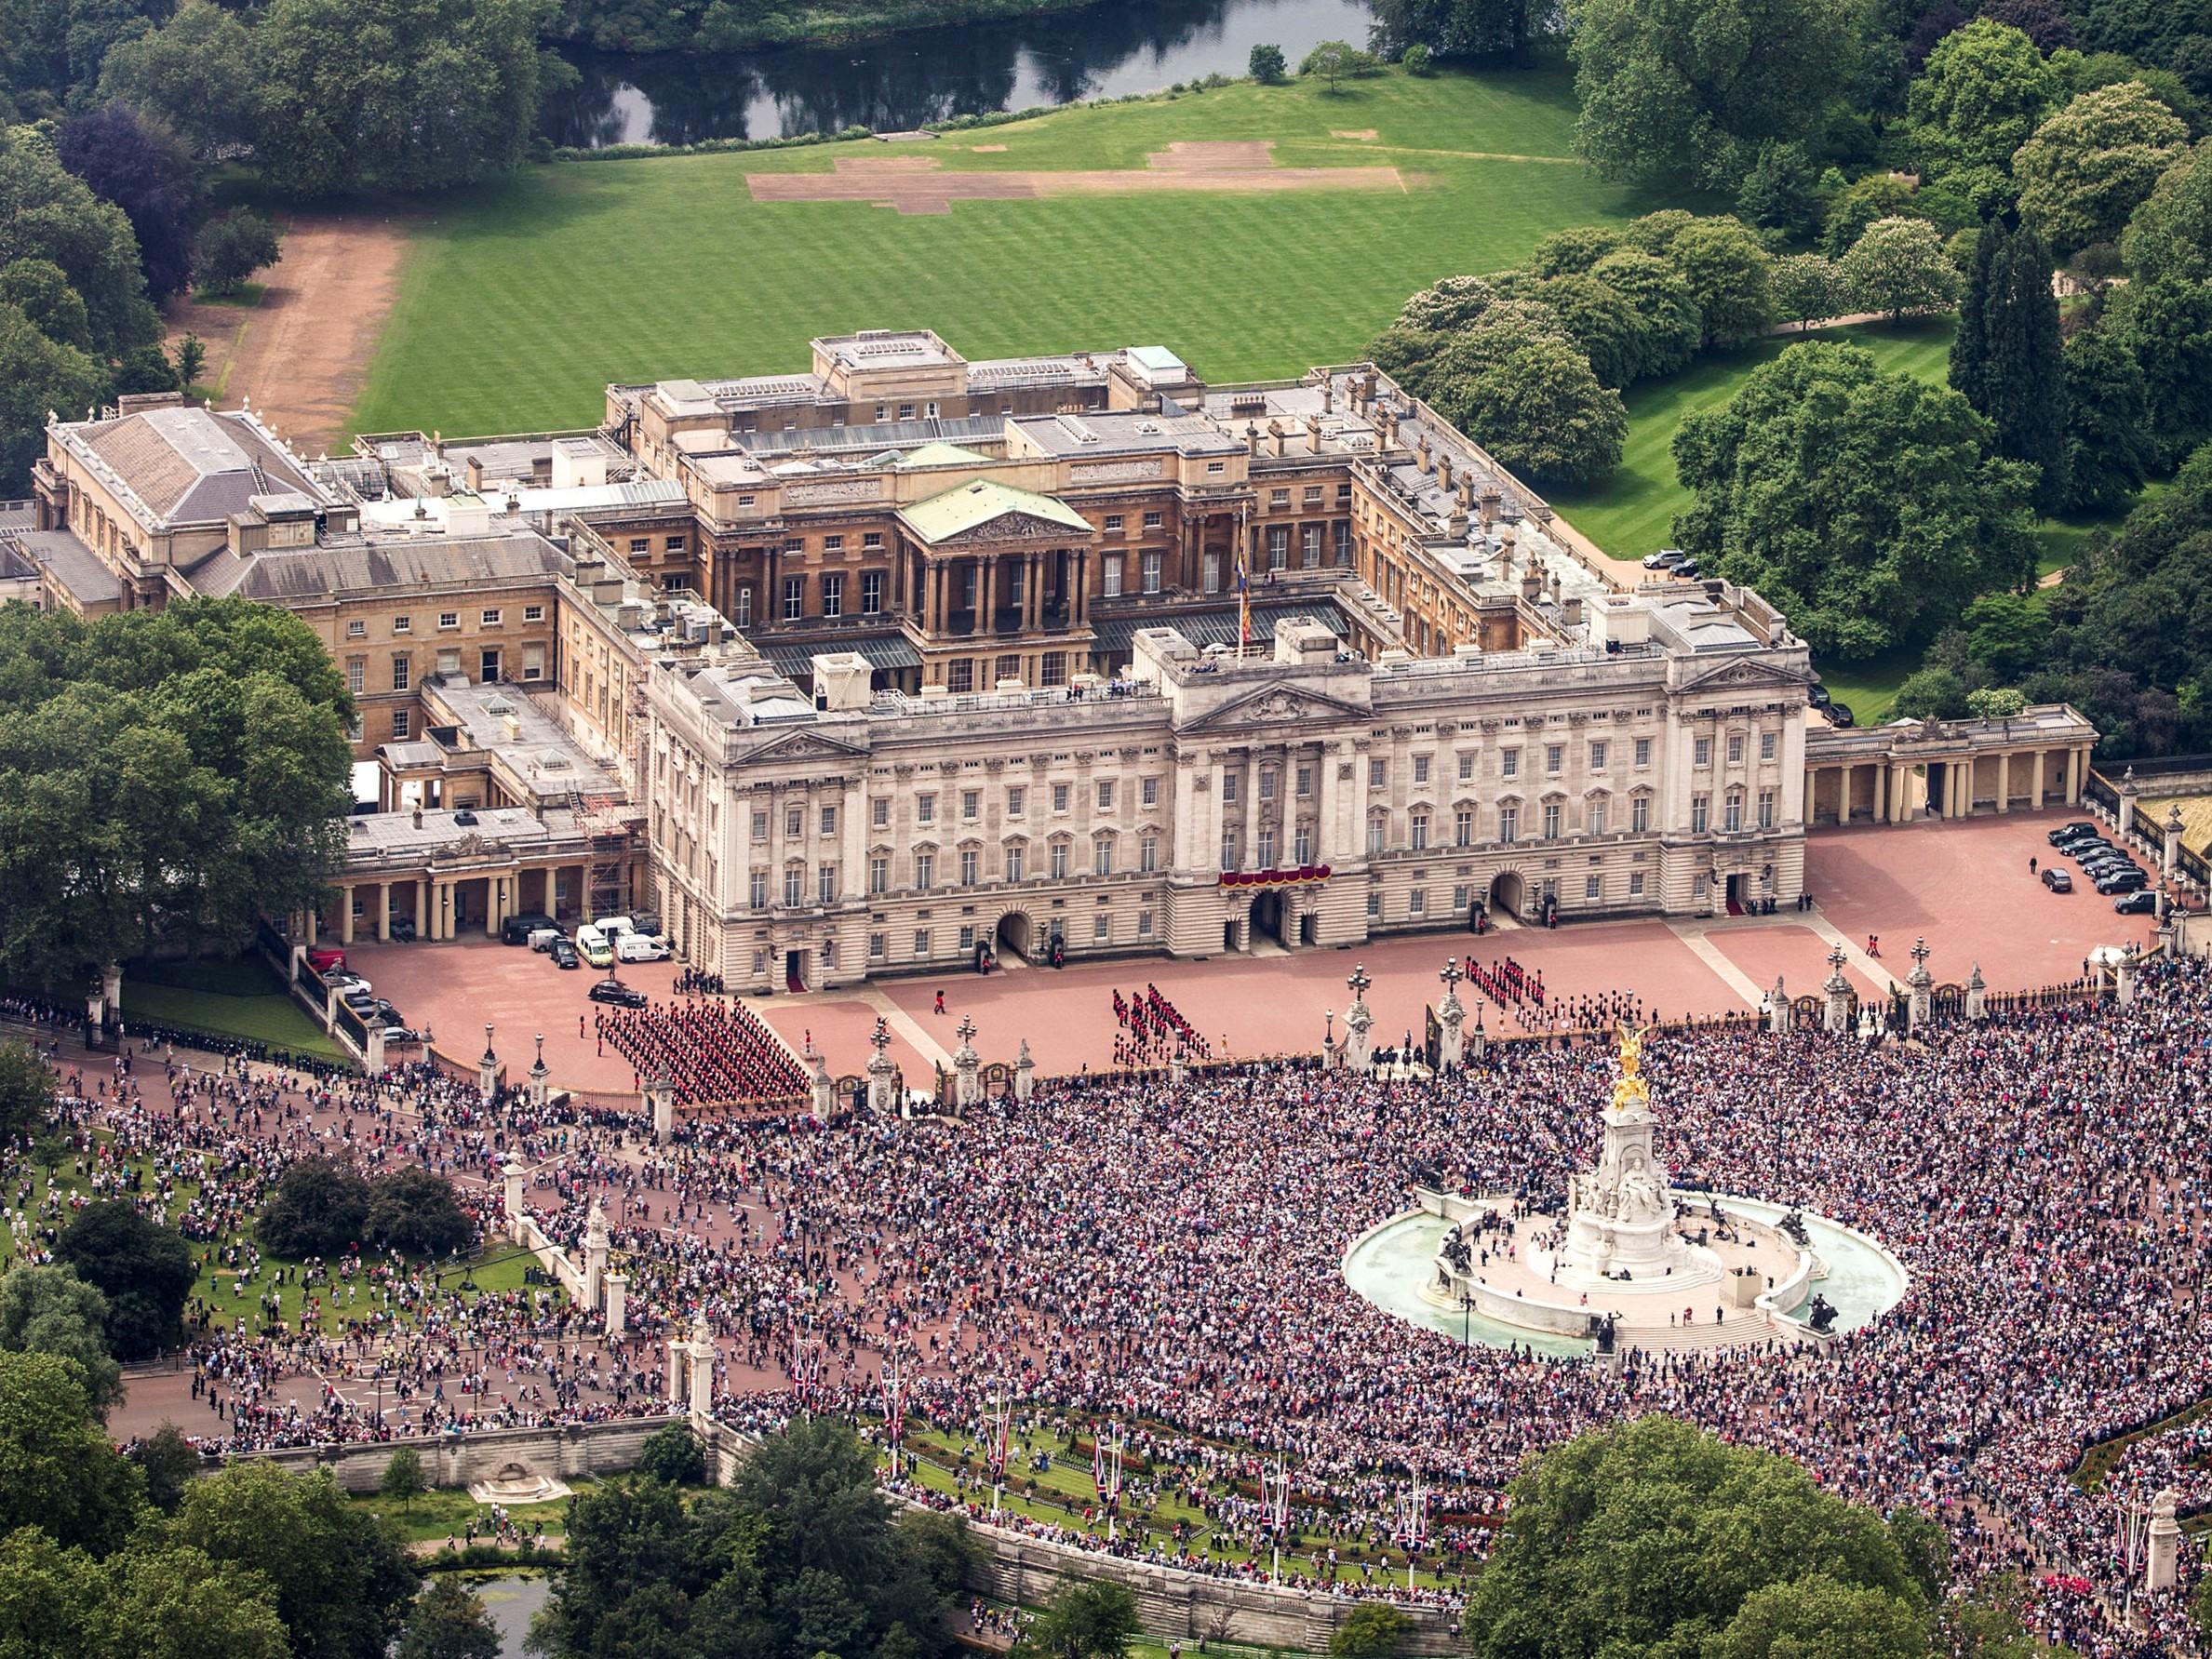 Buckingham Palace Wikipedia